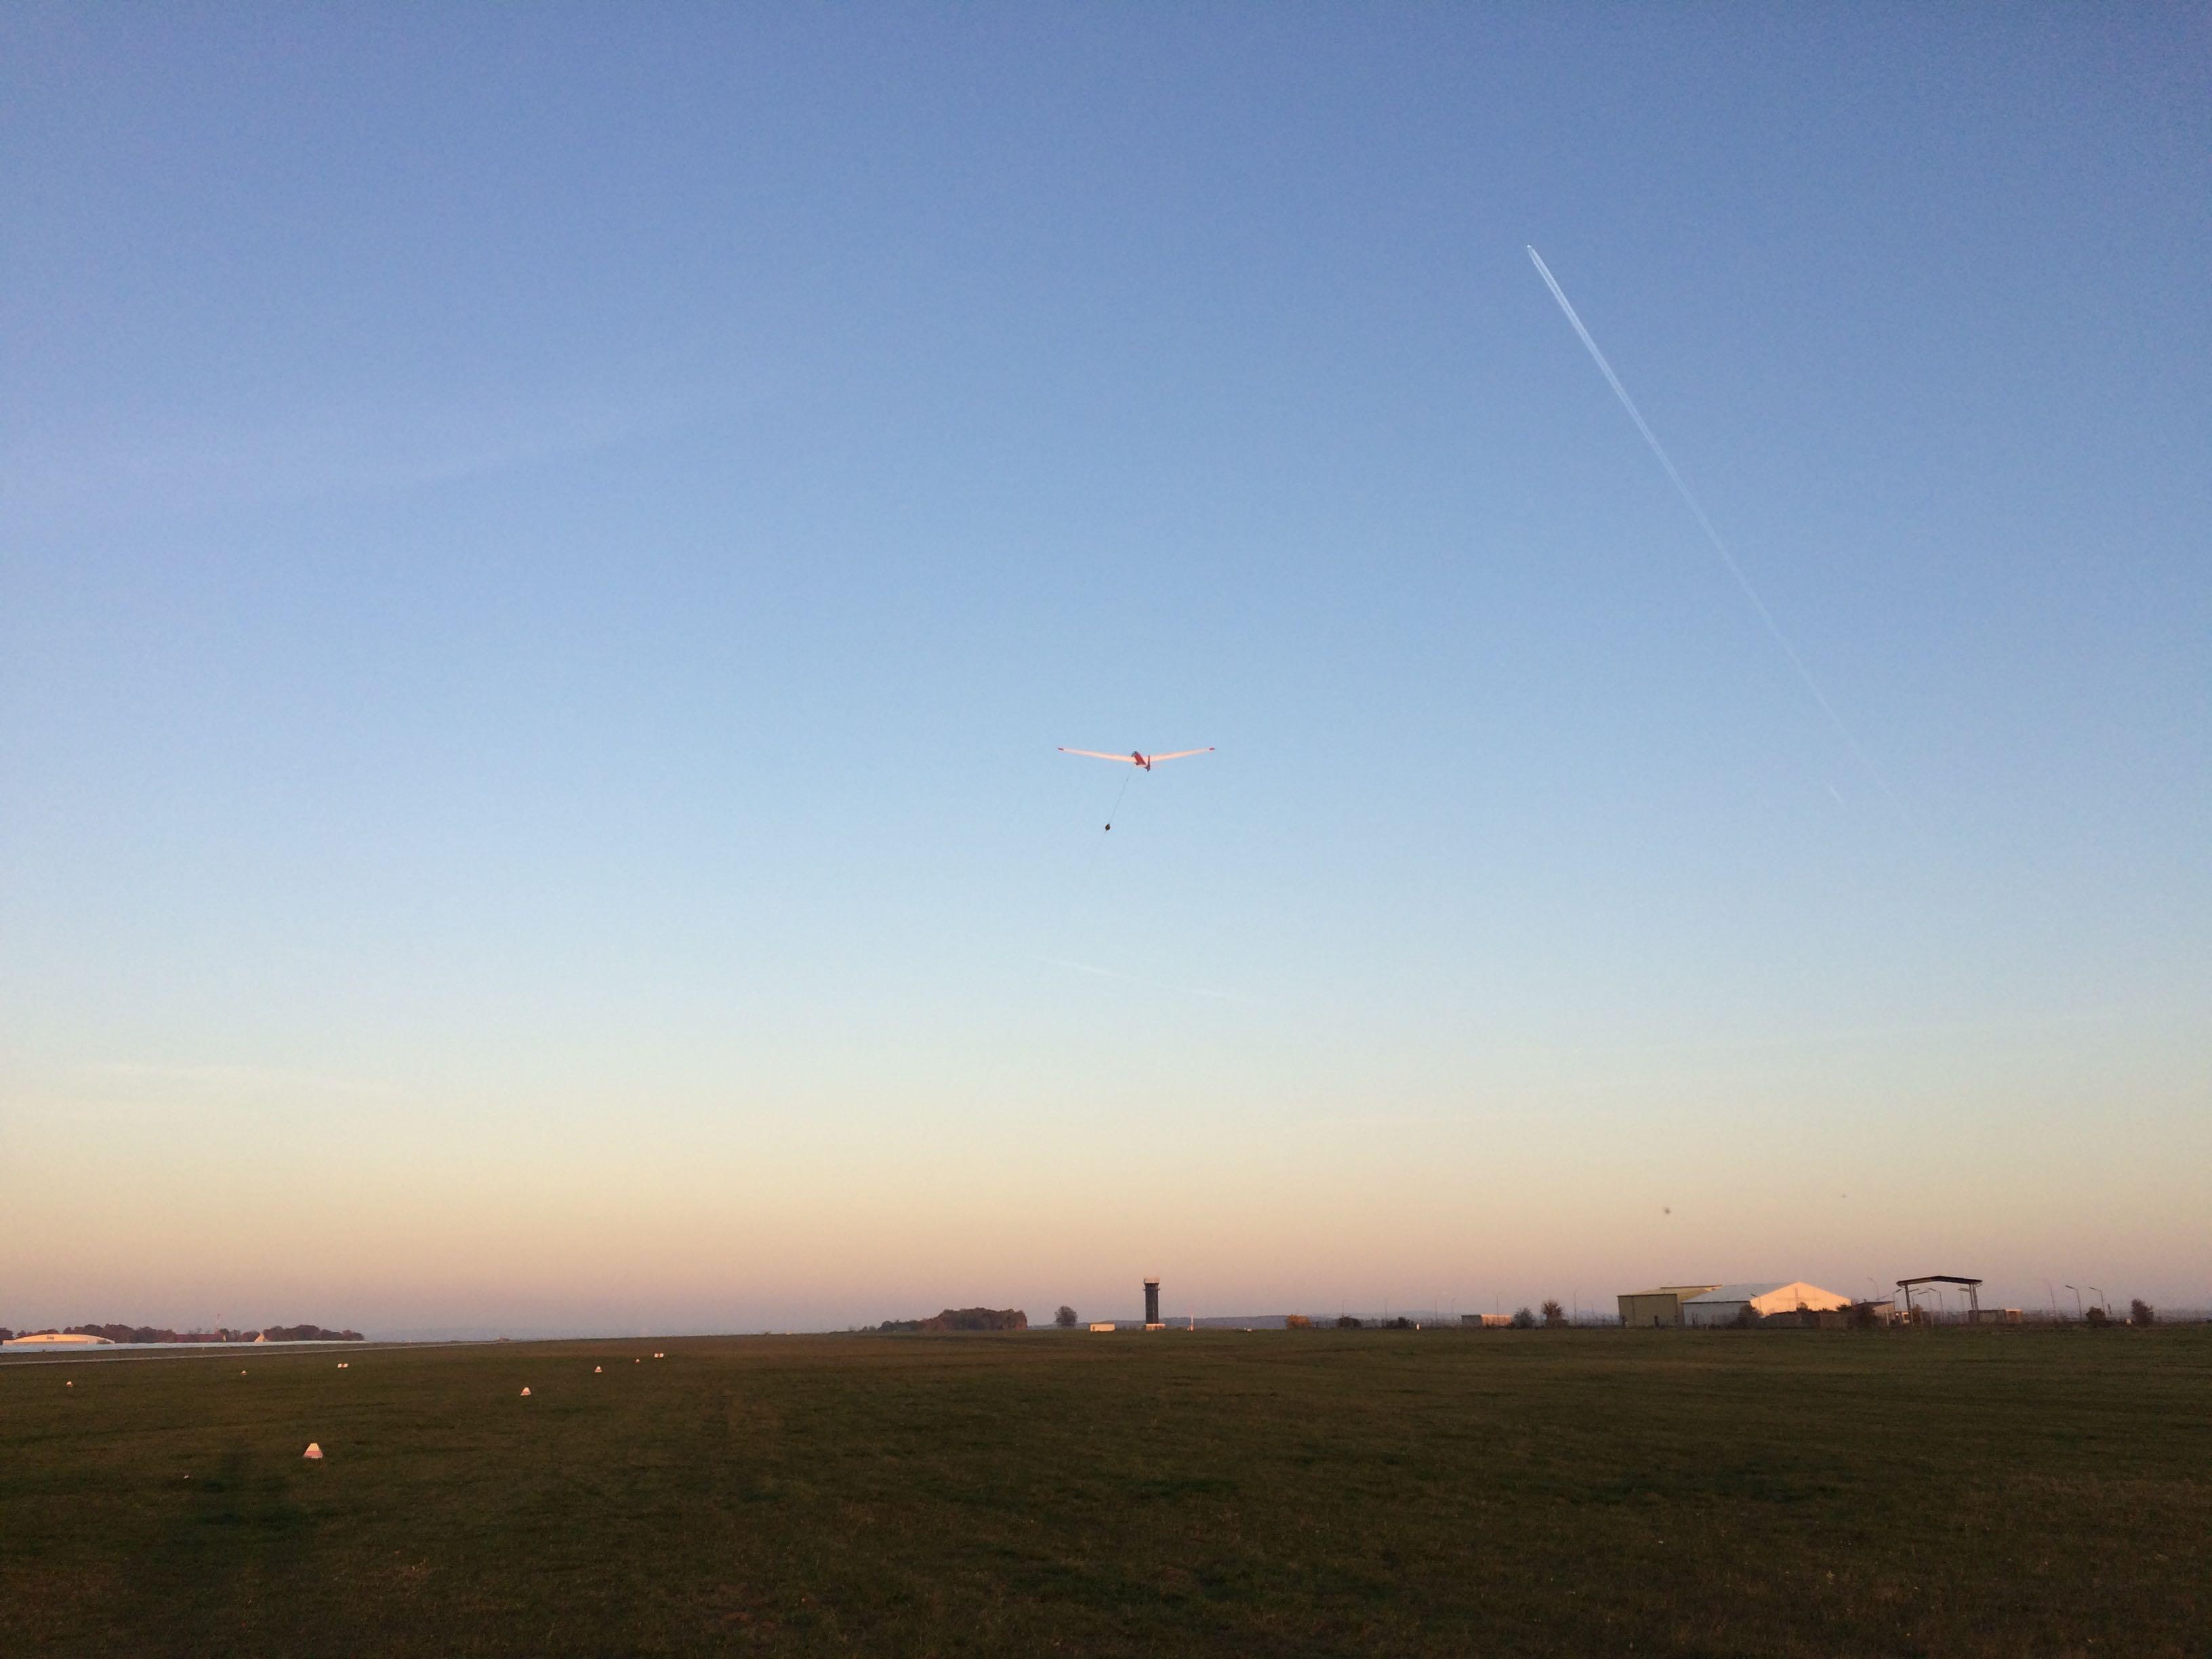 ASK 13 startet am Flugplatz Giebelstadt EDQG